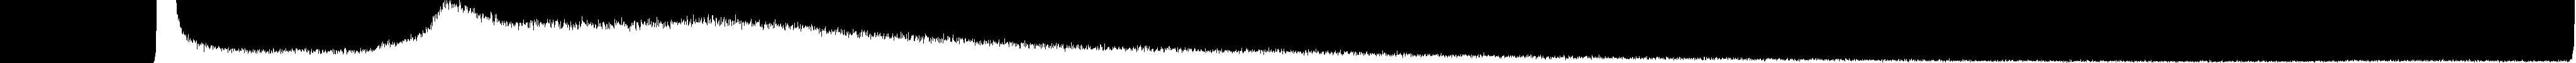 ew0031477633c-histogram